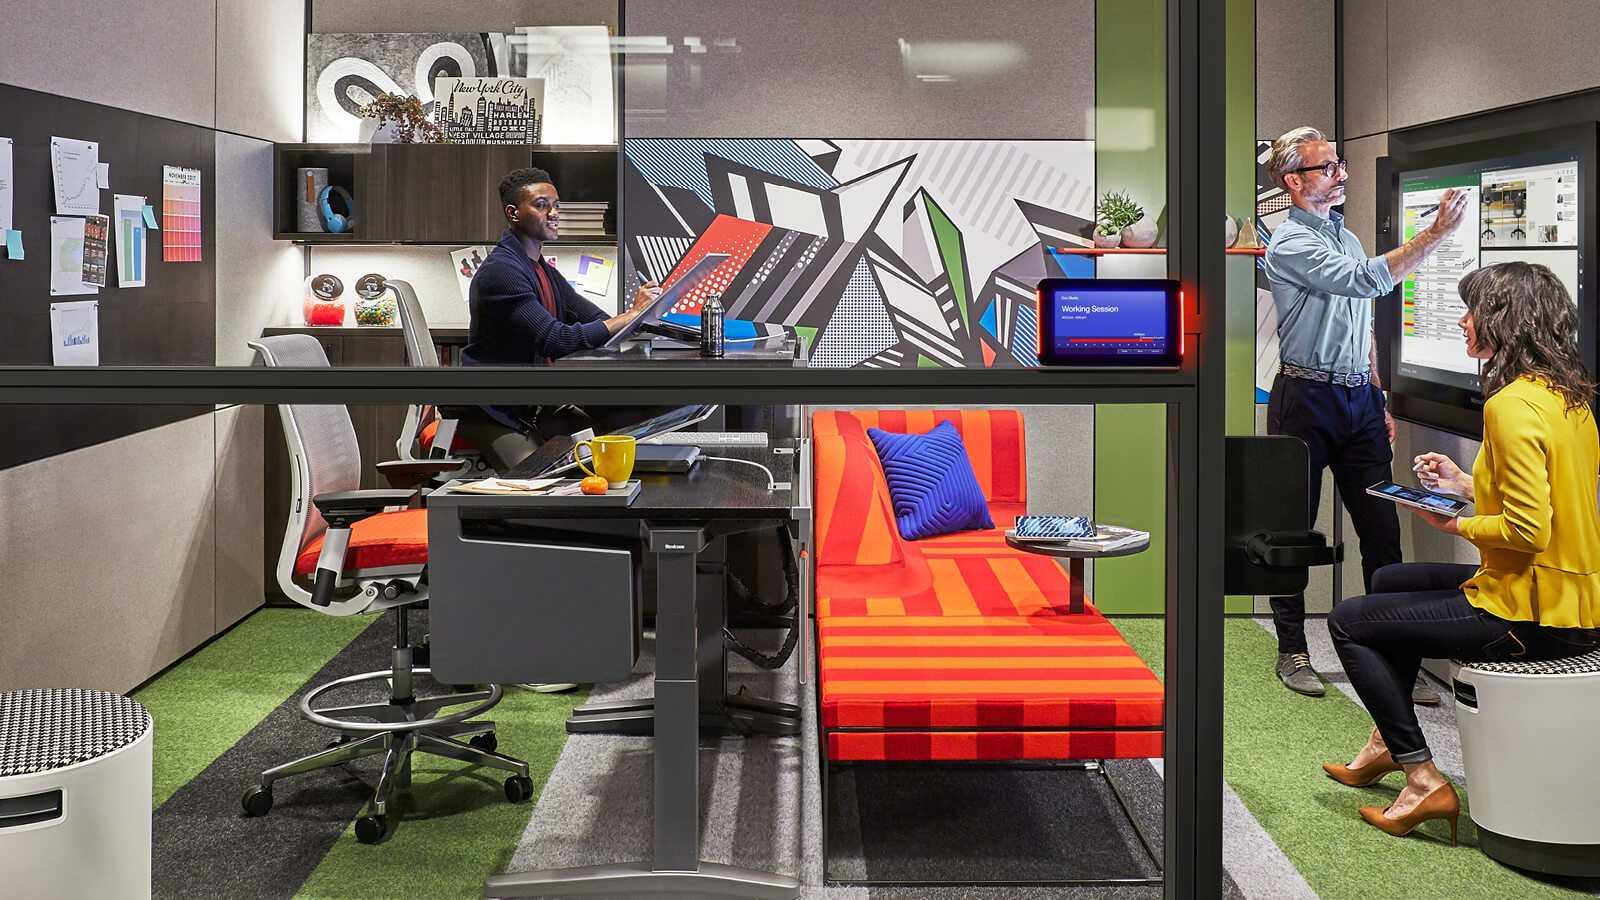 Kontor miljø hvor der arbejdes med Microsofts programmer